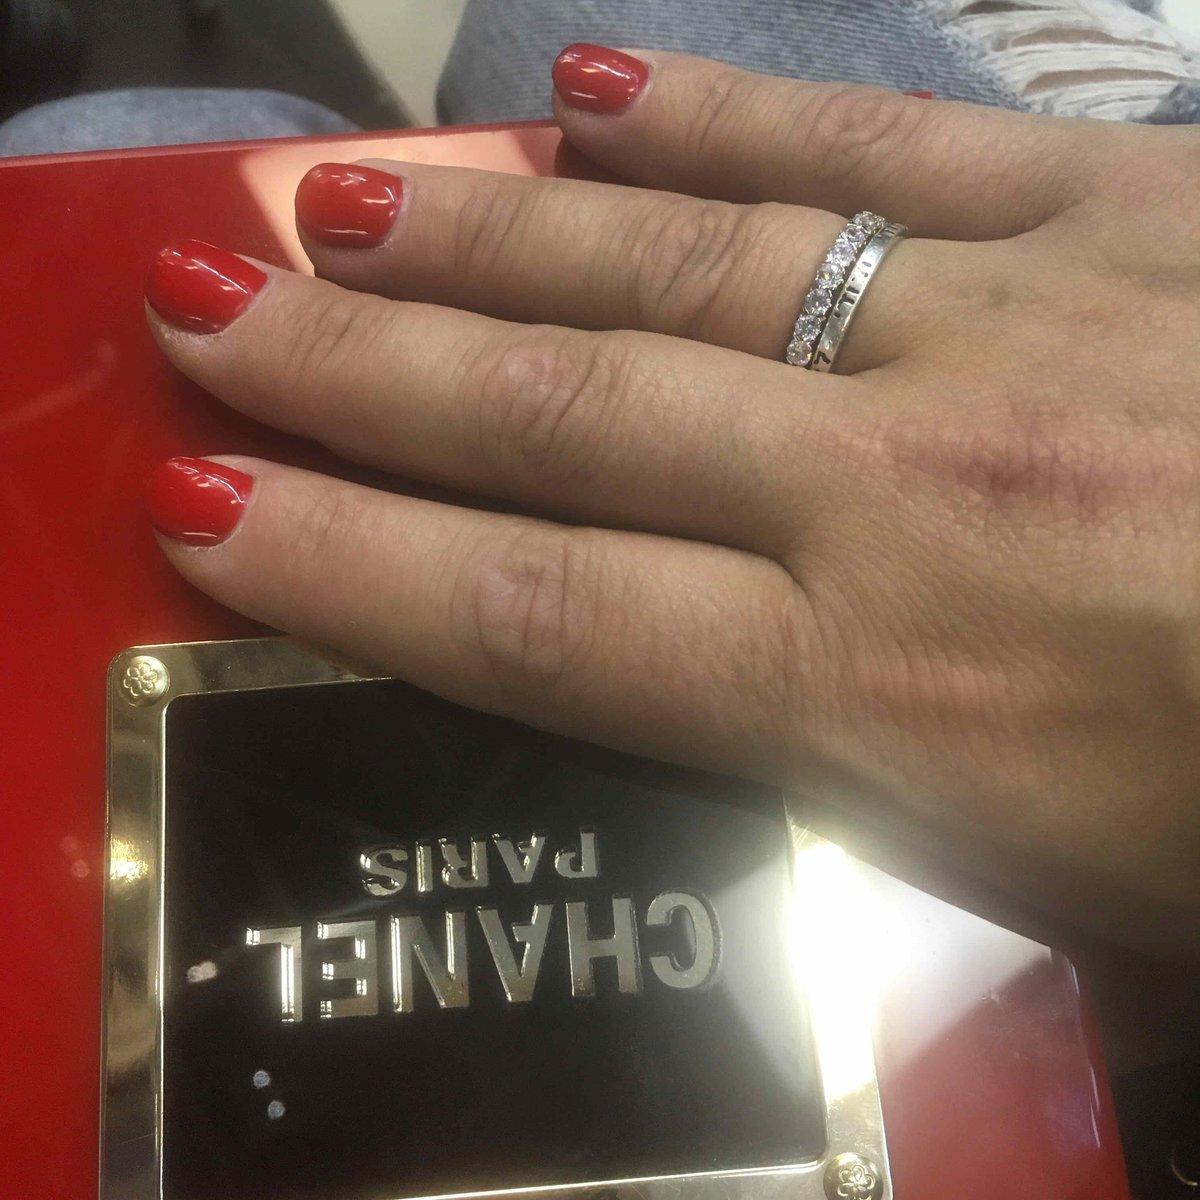 Отлично спасибо 😊 очень красивое кольцо )